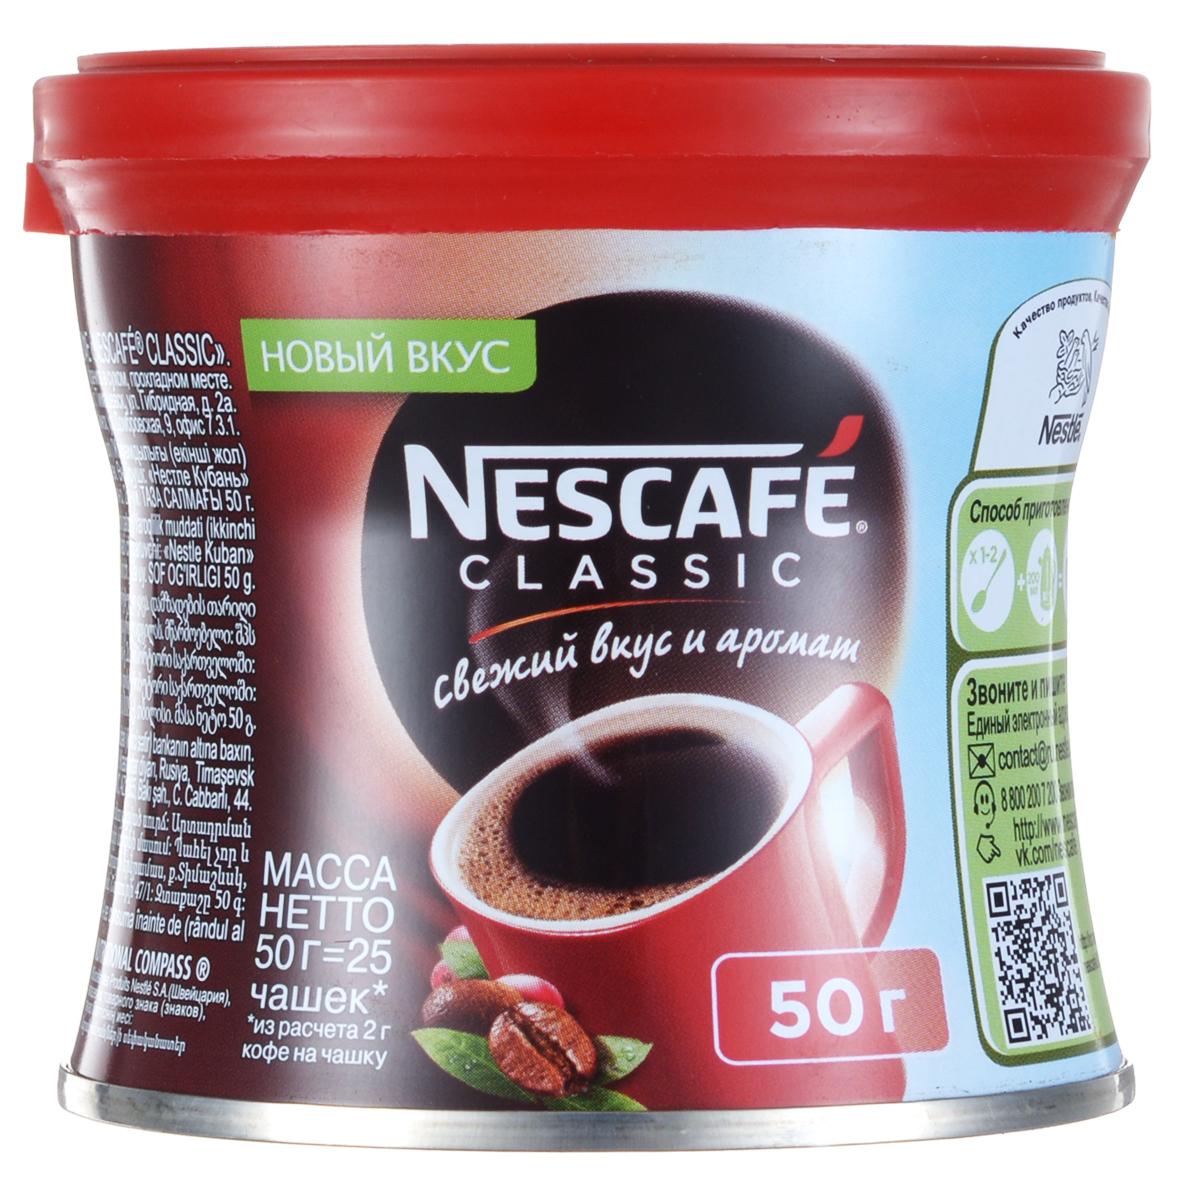 Nescafe Classic кофе растворимый гранулированный, 50 г12267711Nescafe собрали и обжарили спелые кофейные ягоды, сохранив легкую горчинку обжаренных кофейных зерен, чтобы вы смогли насладиться свежим вкусом и ароматом кофе Classic.